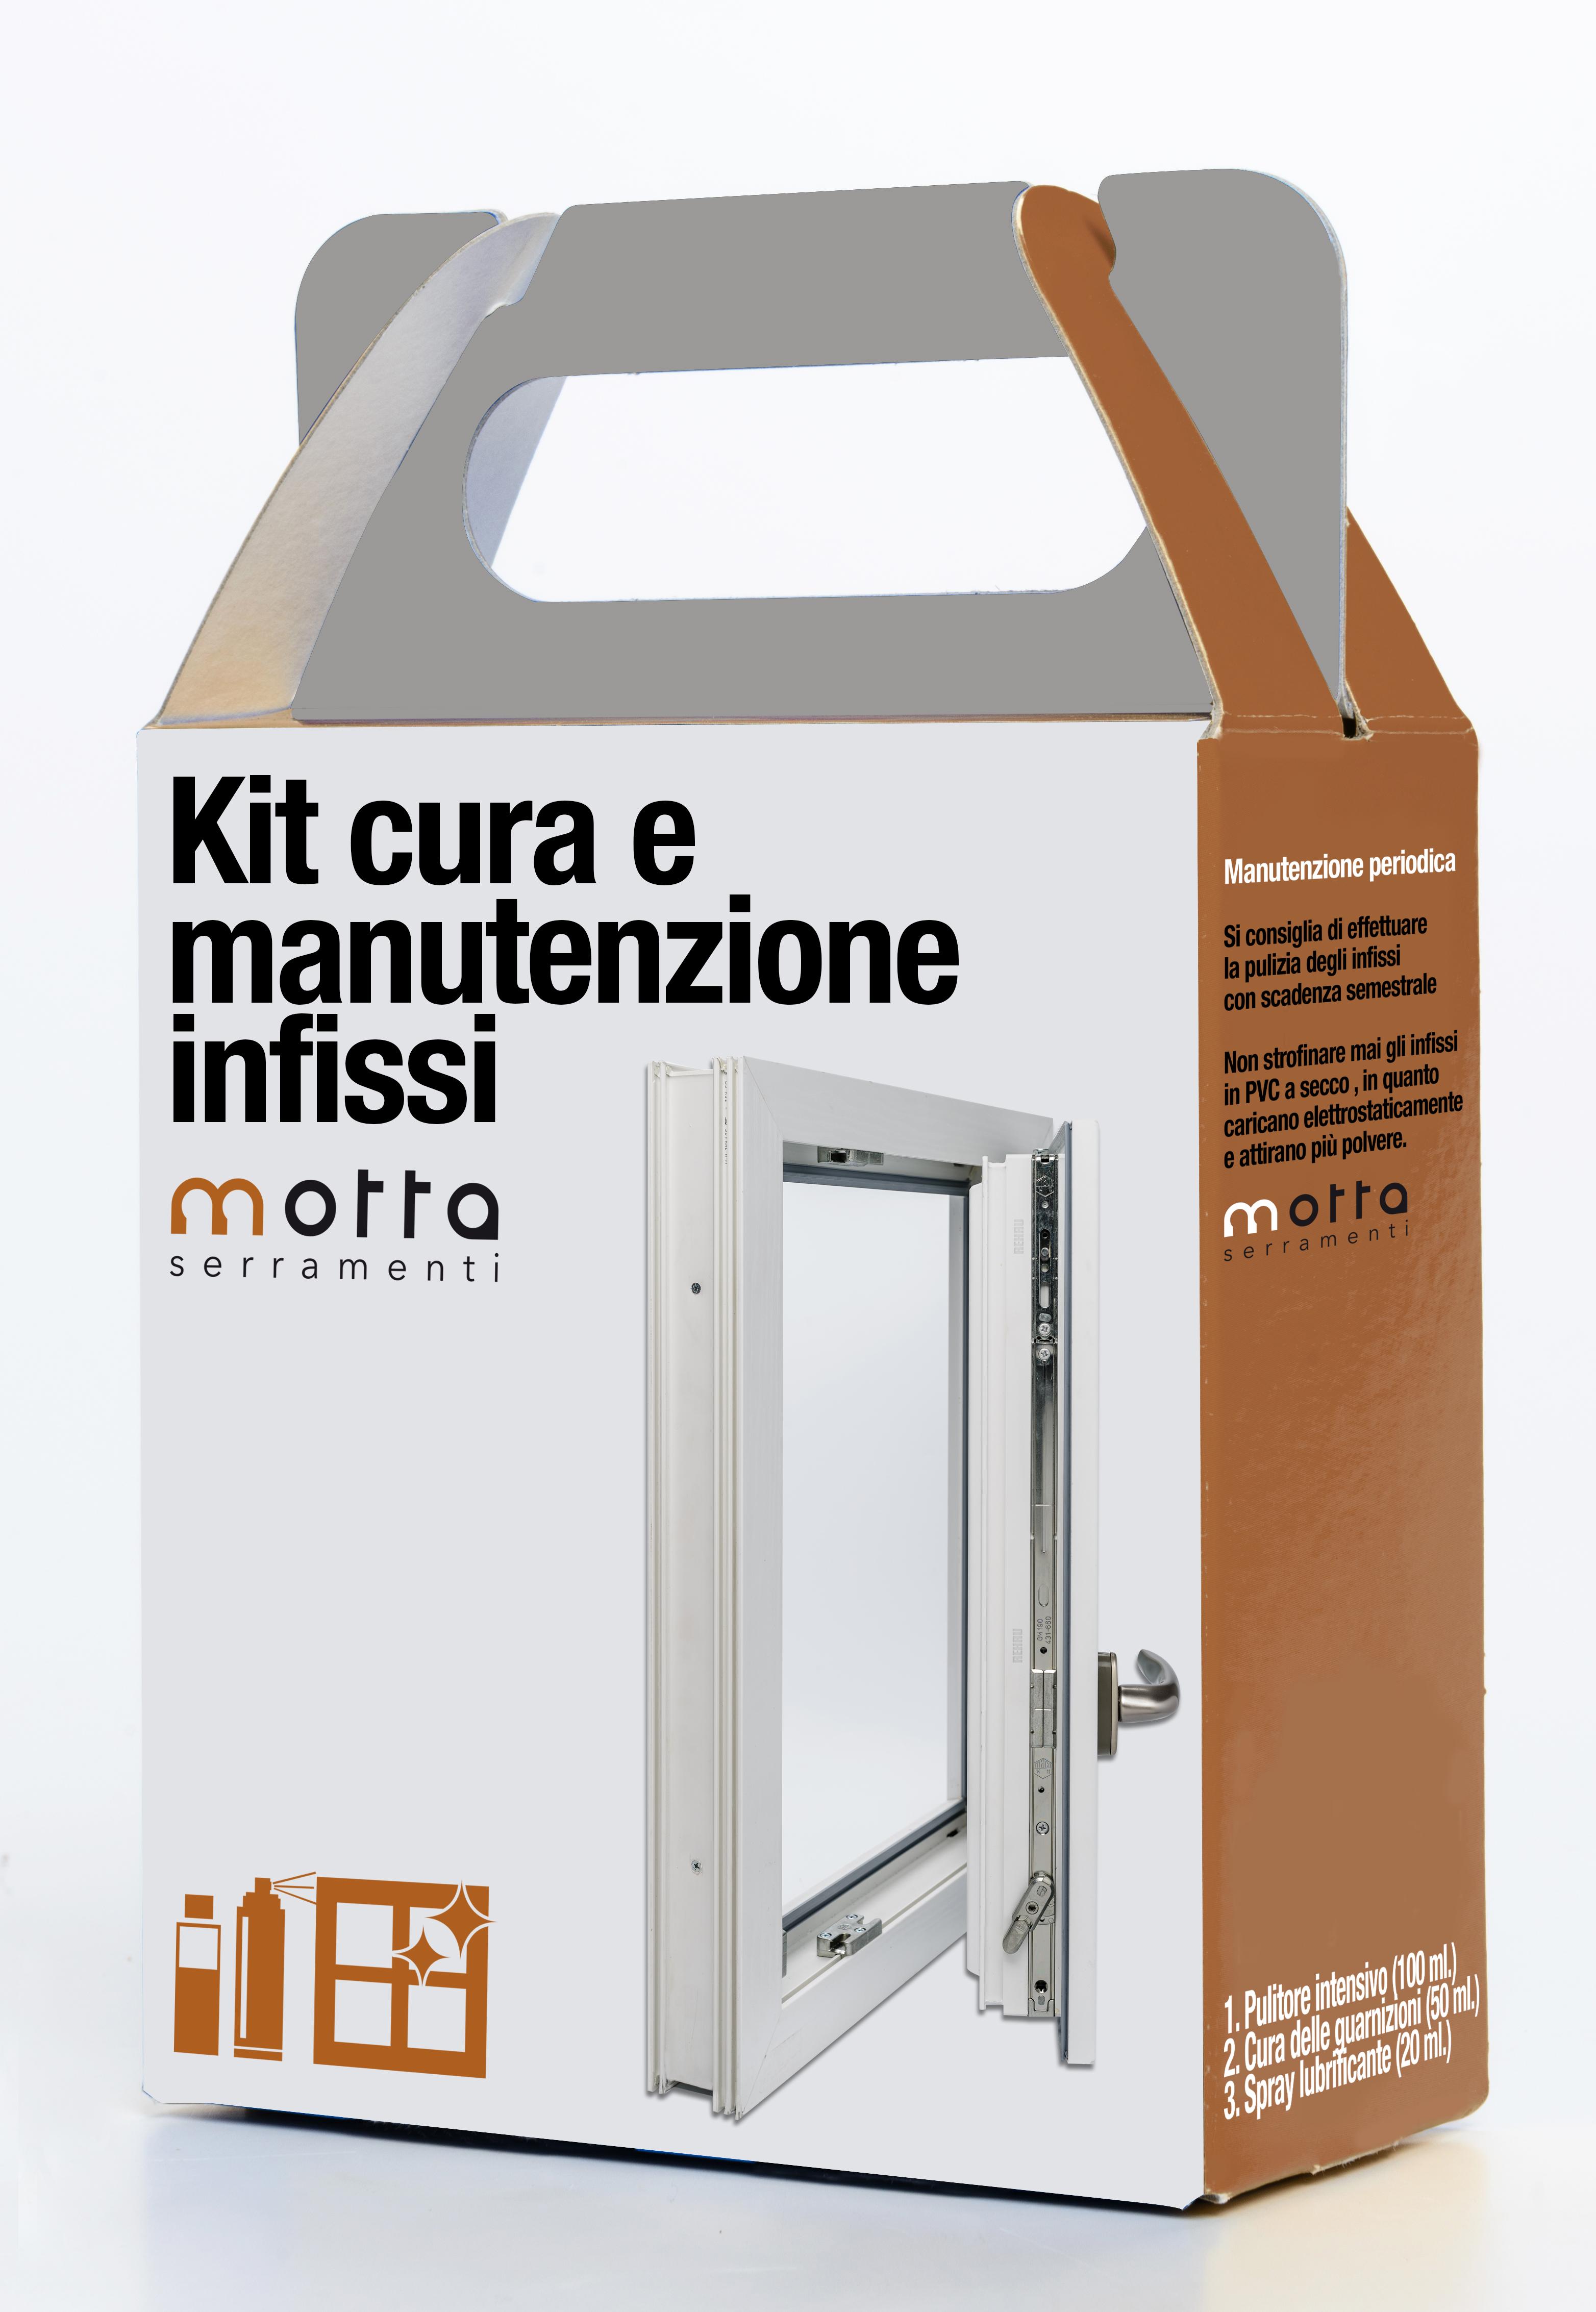 03_Img11829_pack_serramenti_motta